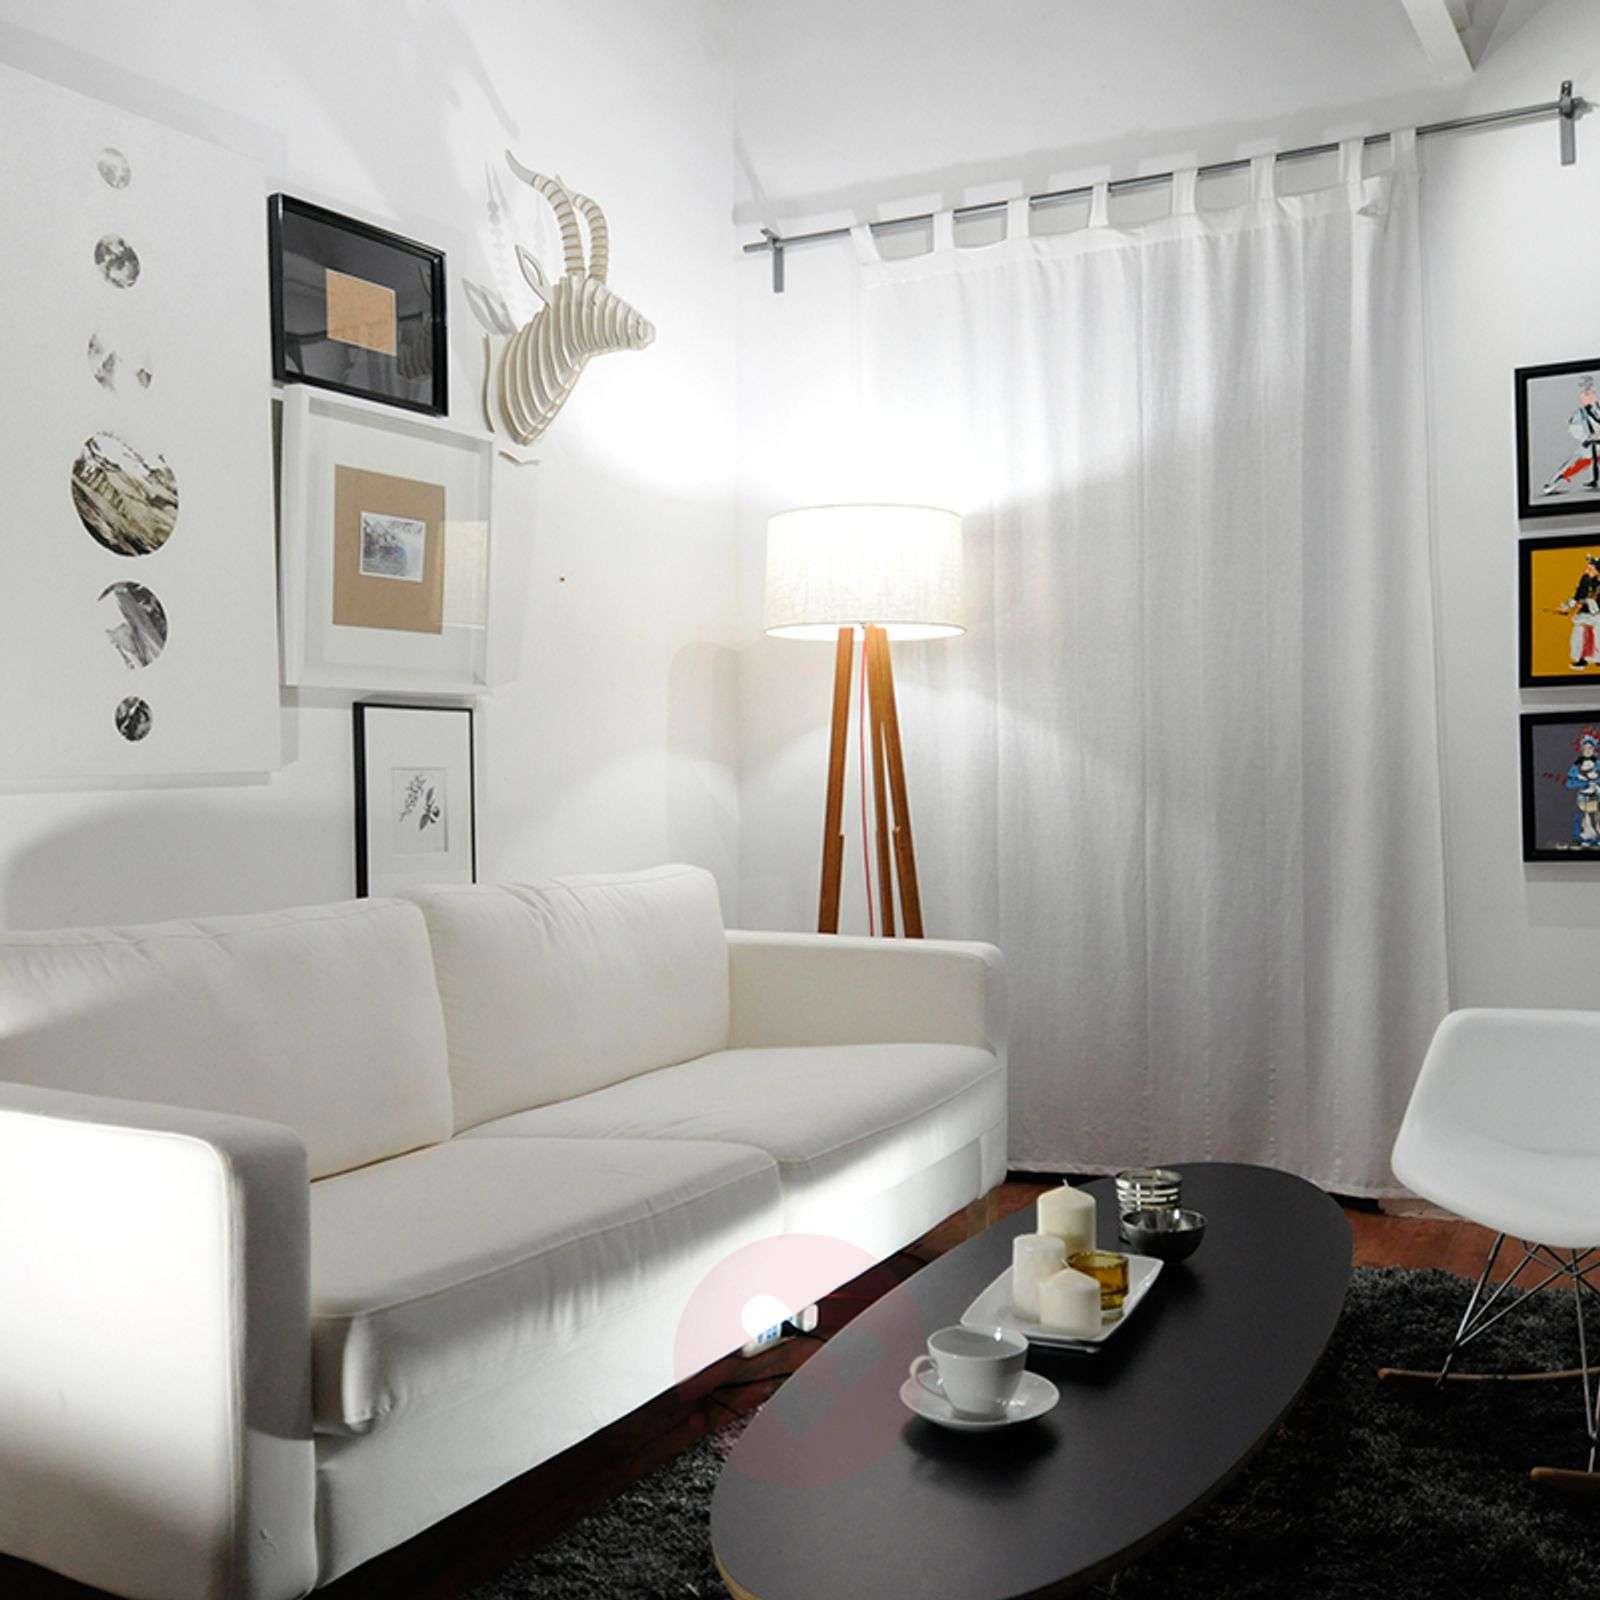 E14 iDual LED-lamppu, 7W RGB ilman kaukosäädintä-9038021-01